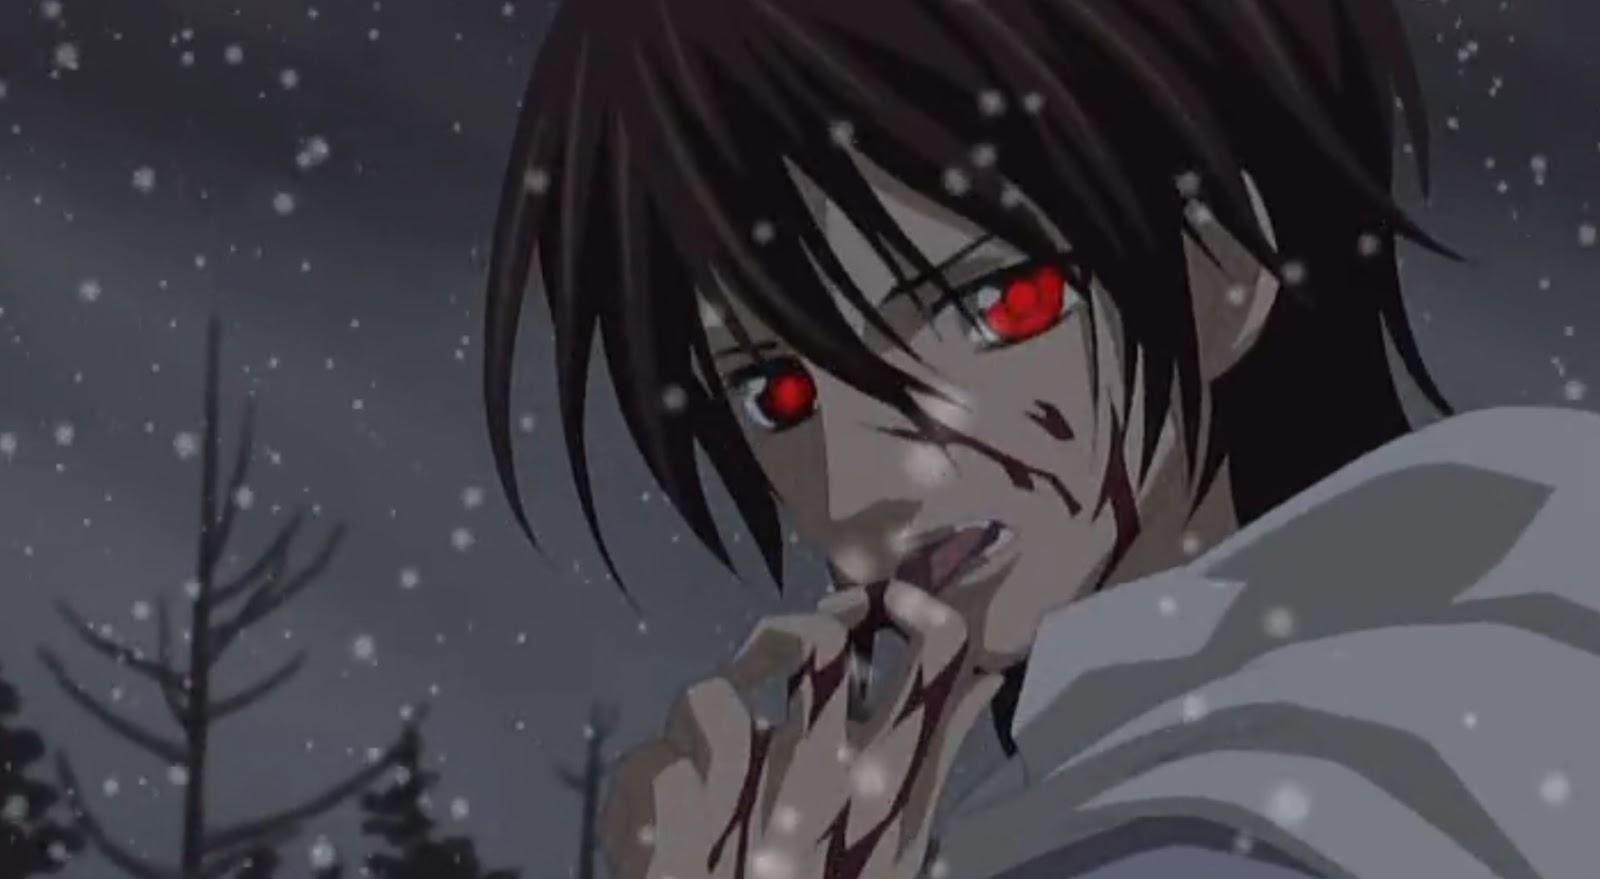 Vampire Knight: Episódio 01 – A Noite dos Vampiros